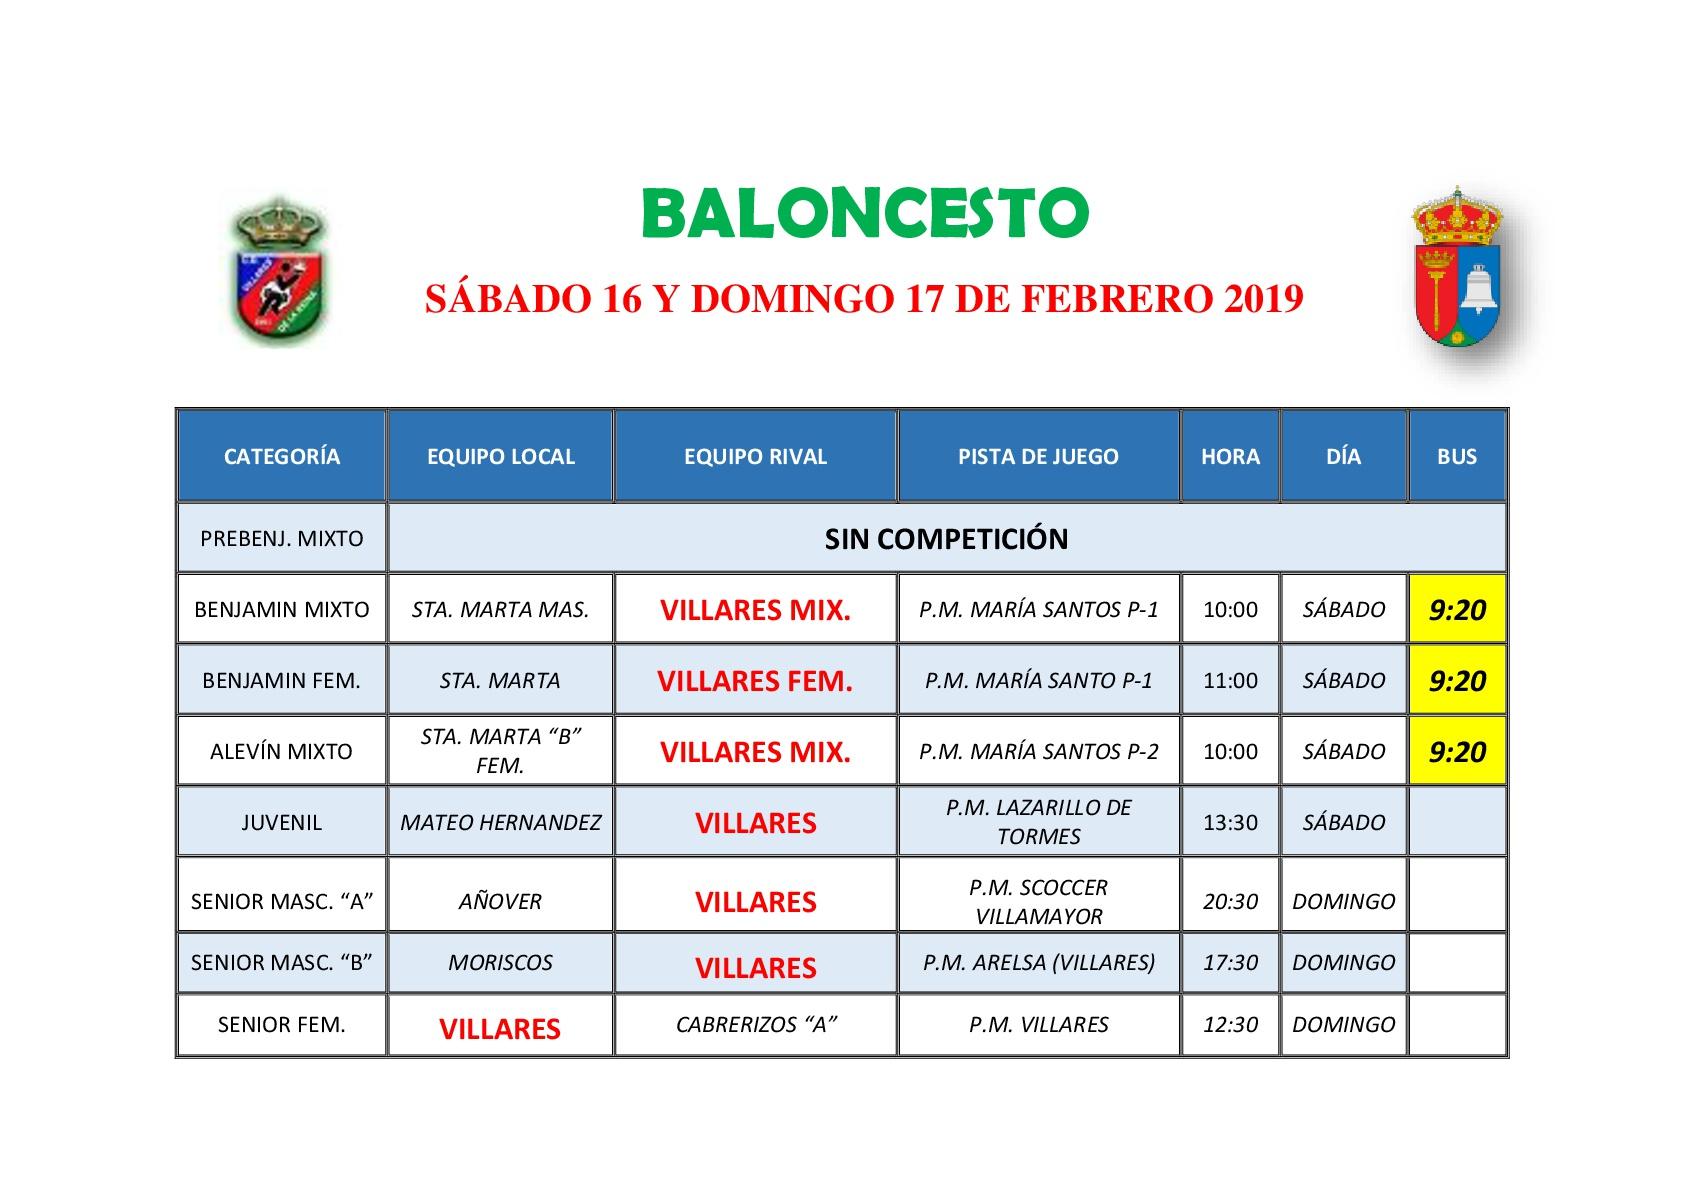 HORARIOS DE BALONCESTO S�BADO 16 Y DOMINGO 17 DE FEBRERO